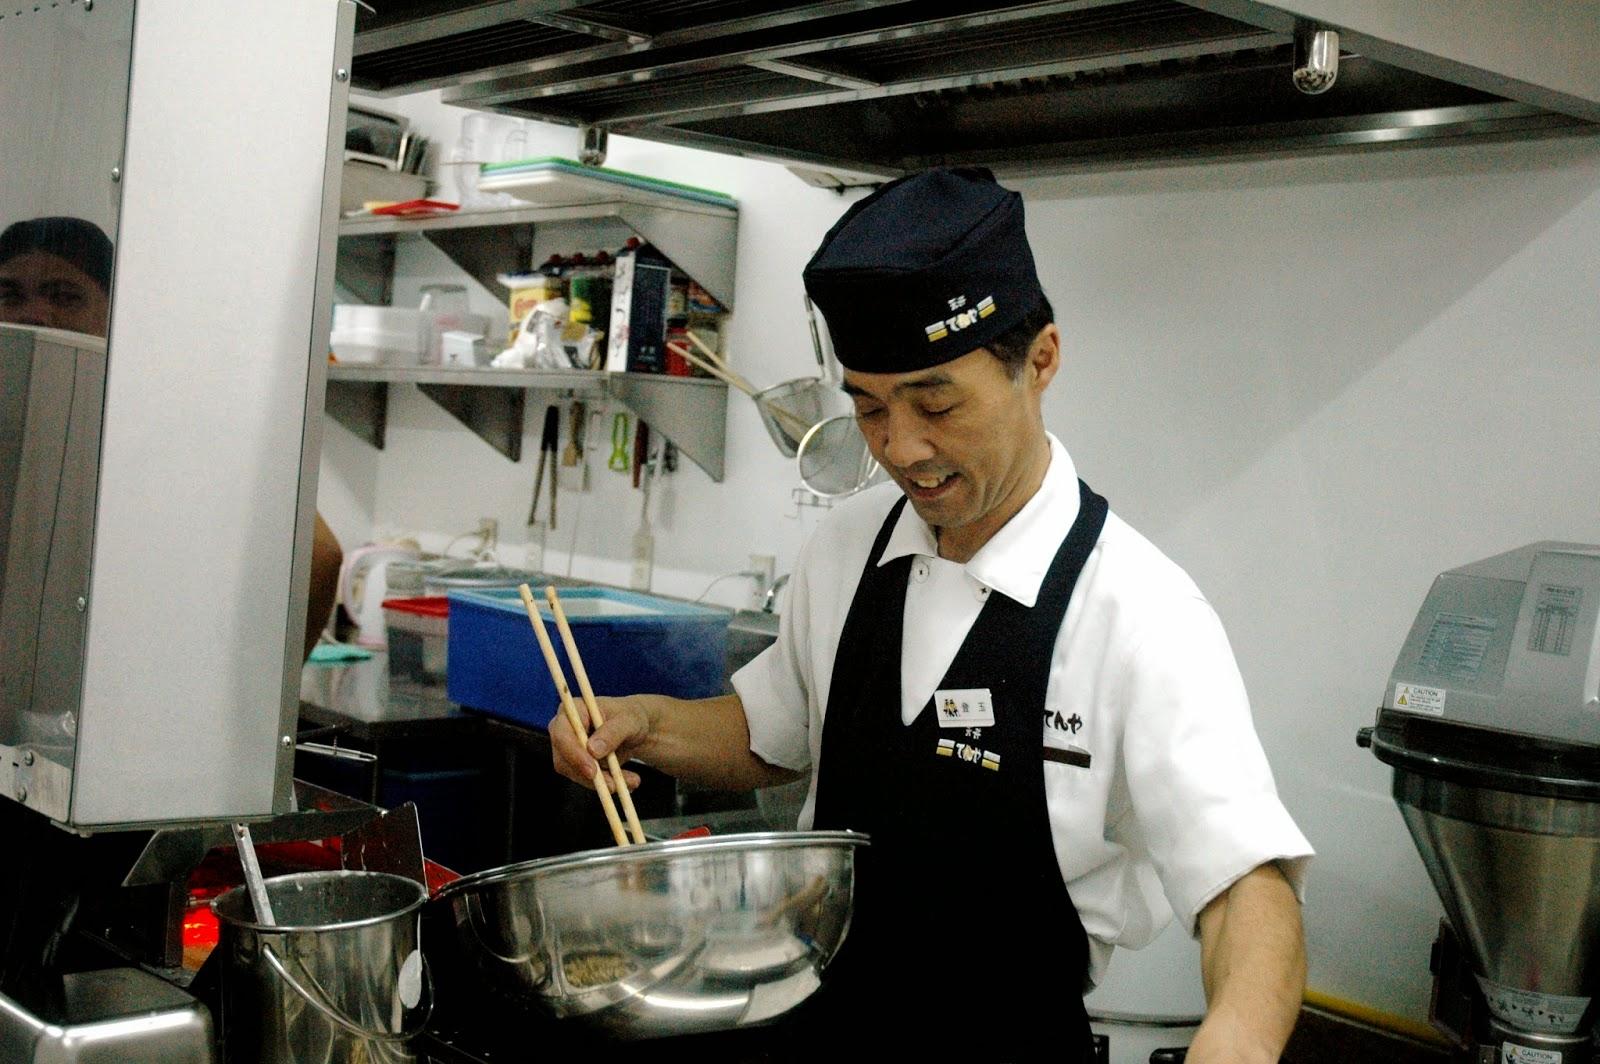 Tokyo Restaurant Chain Yu Suzuki